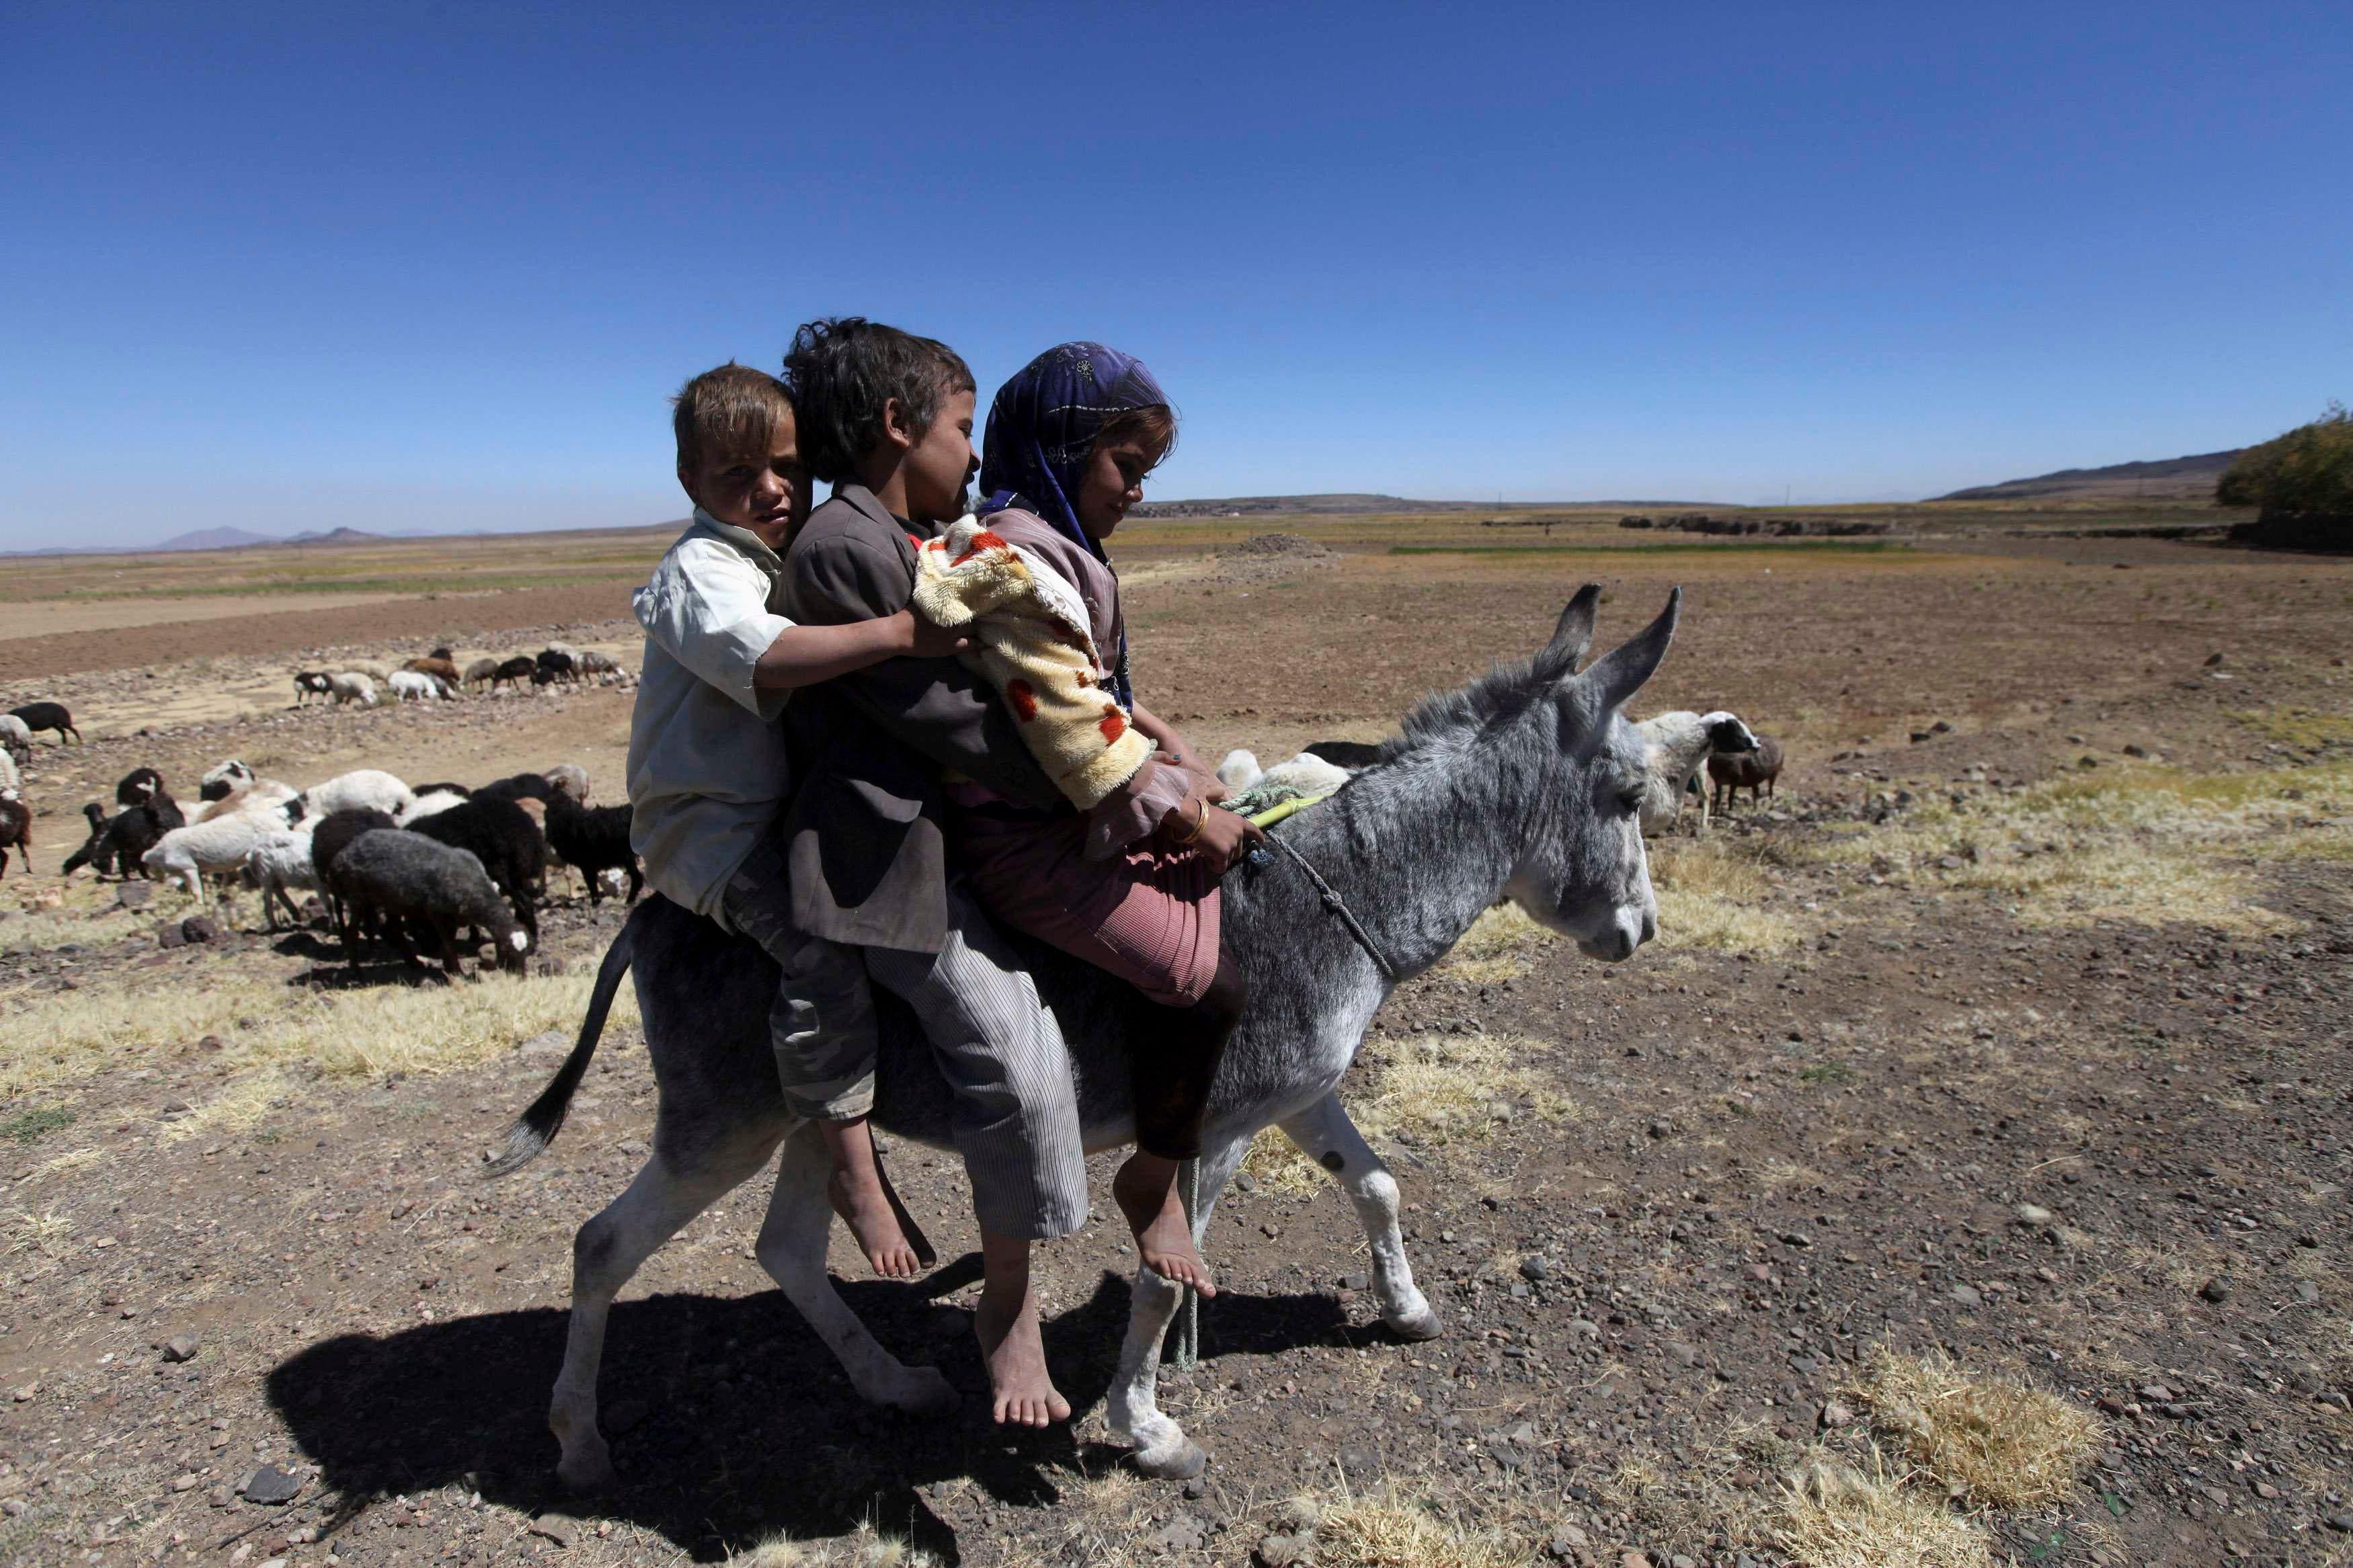 Harvest season in Yemen